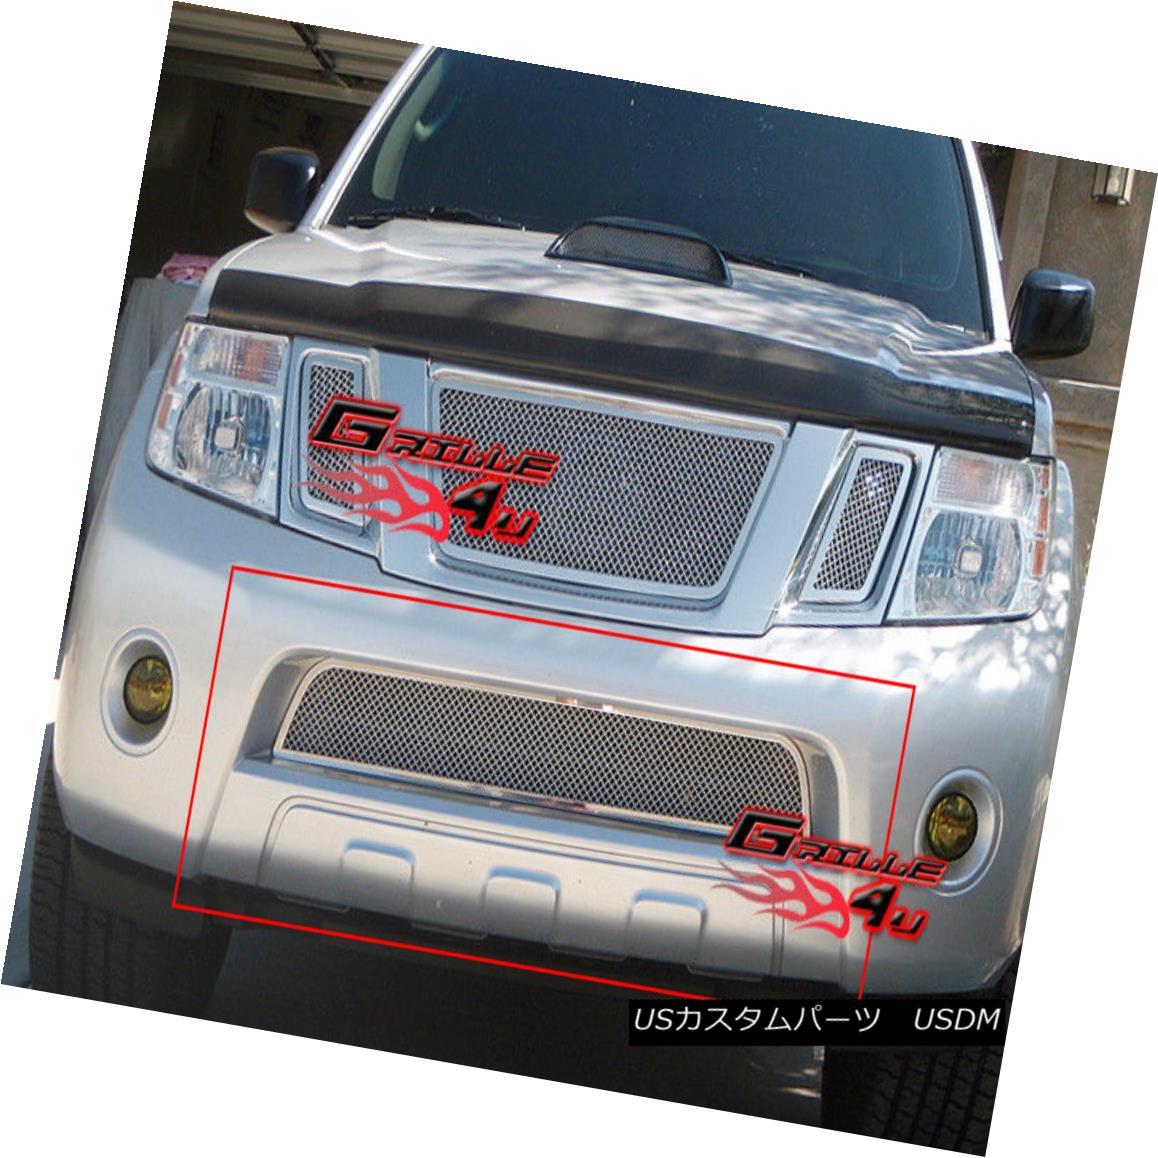 グリル Fits 08-2011 Nissan Pathfinder Lower Bumper Stainless Mesh Grille Fiss 08-2011 Nissan Pathfinderロワーバンパーステンレスメッシュグリル